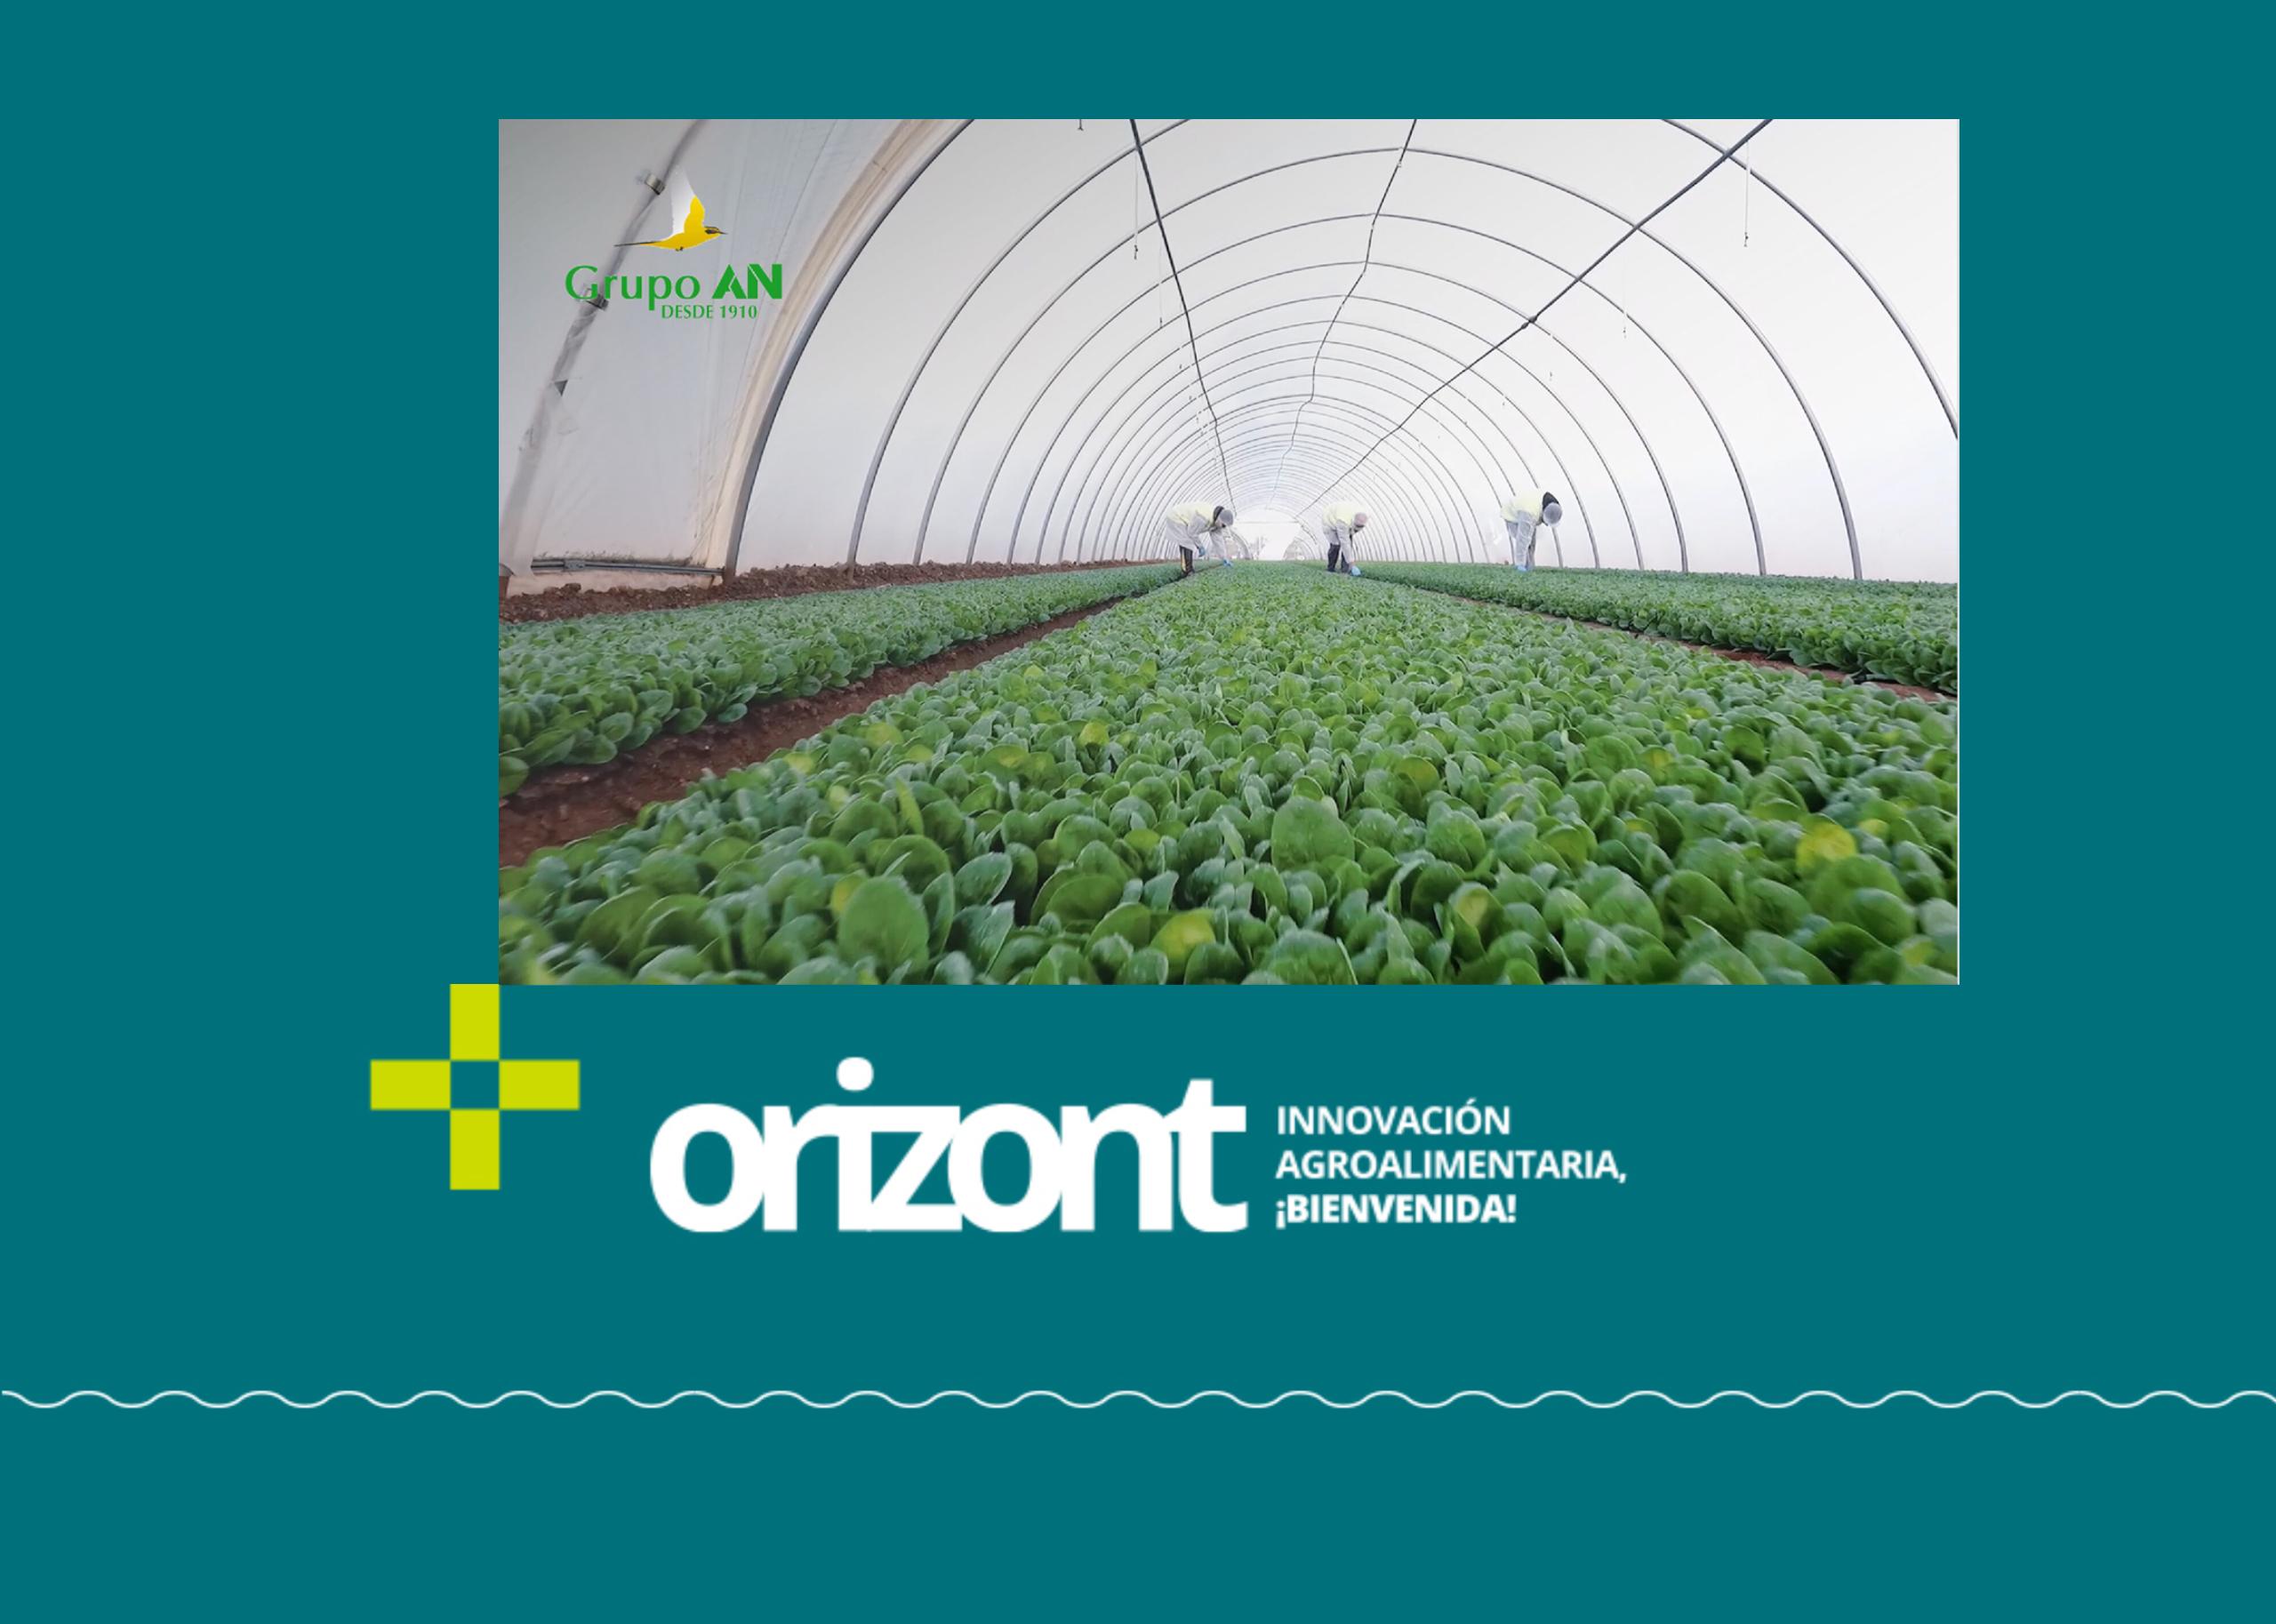 Maite Muruzabal en el video de presentación del programa Orizont